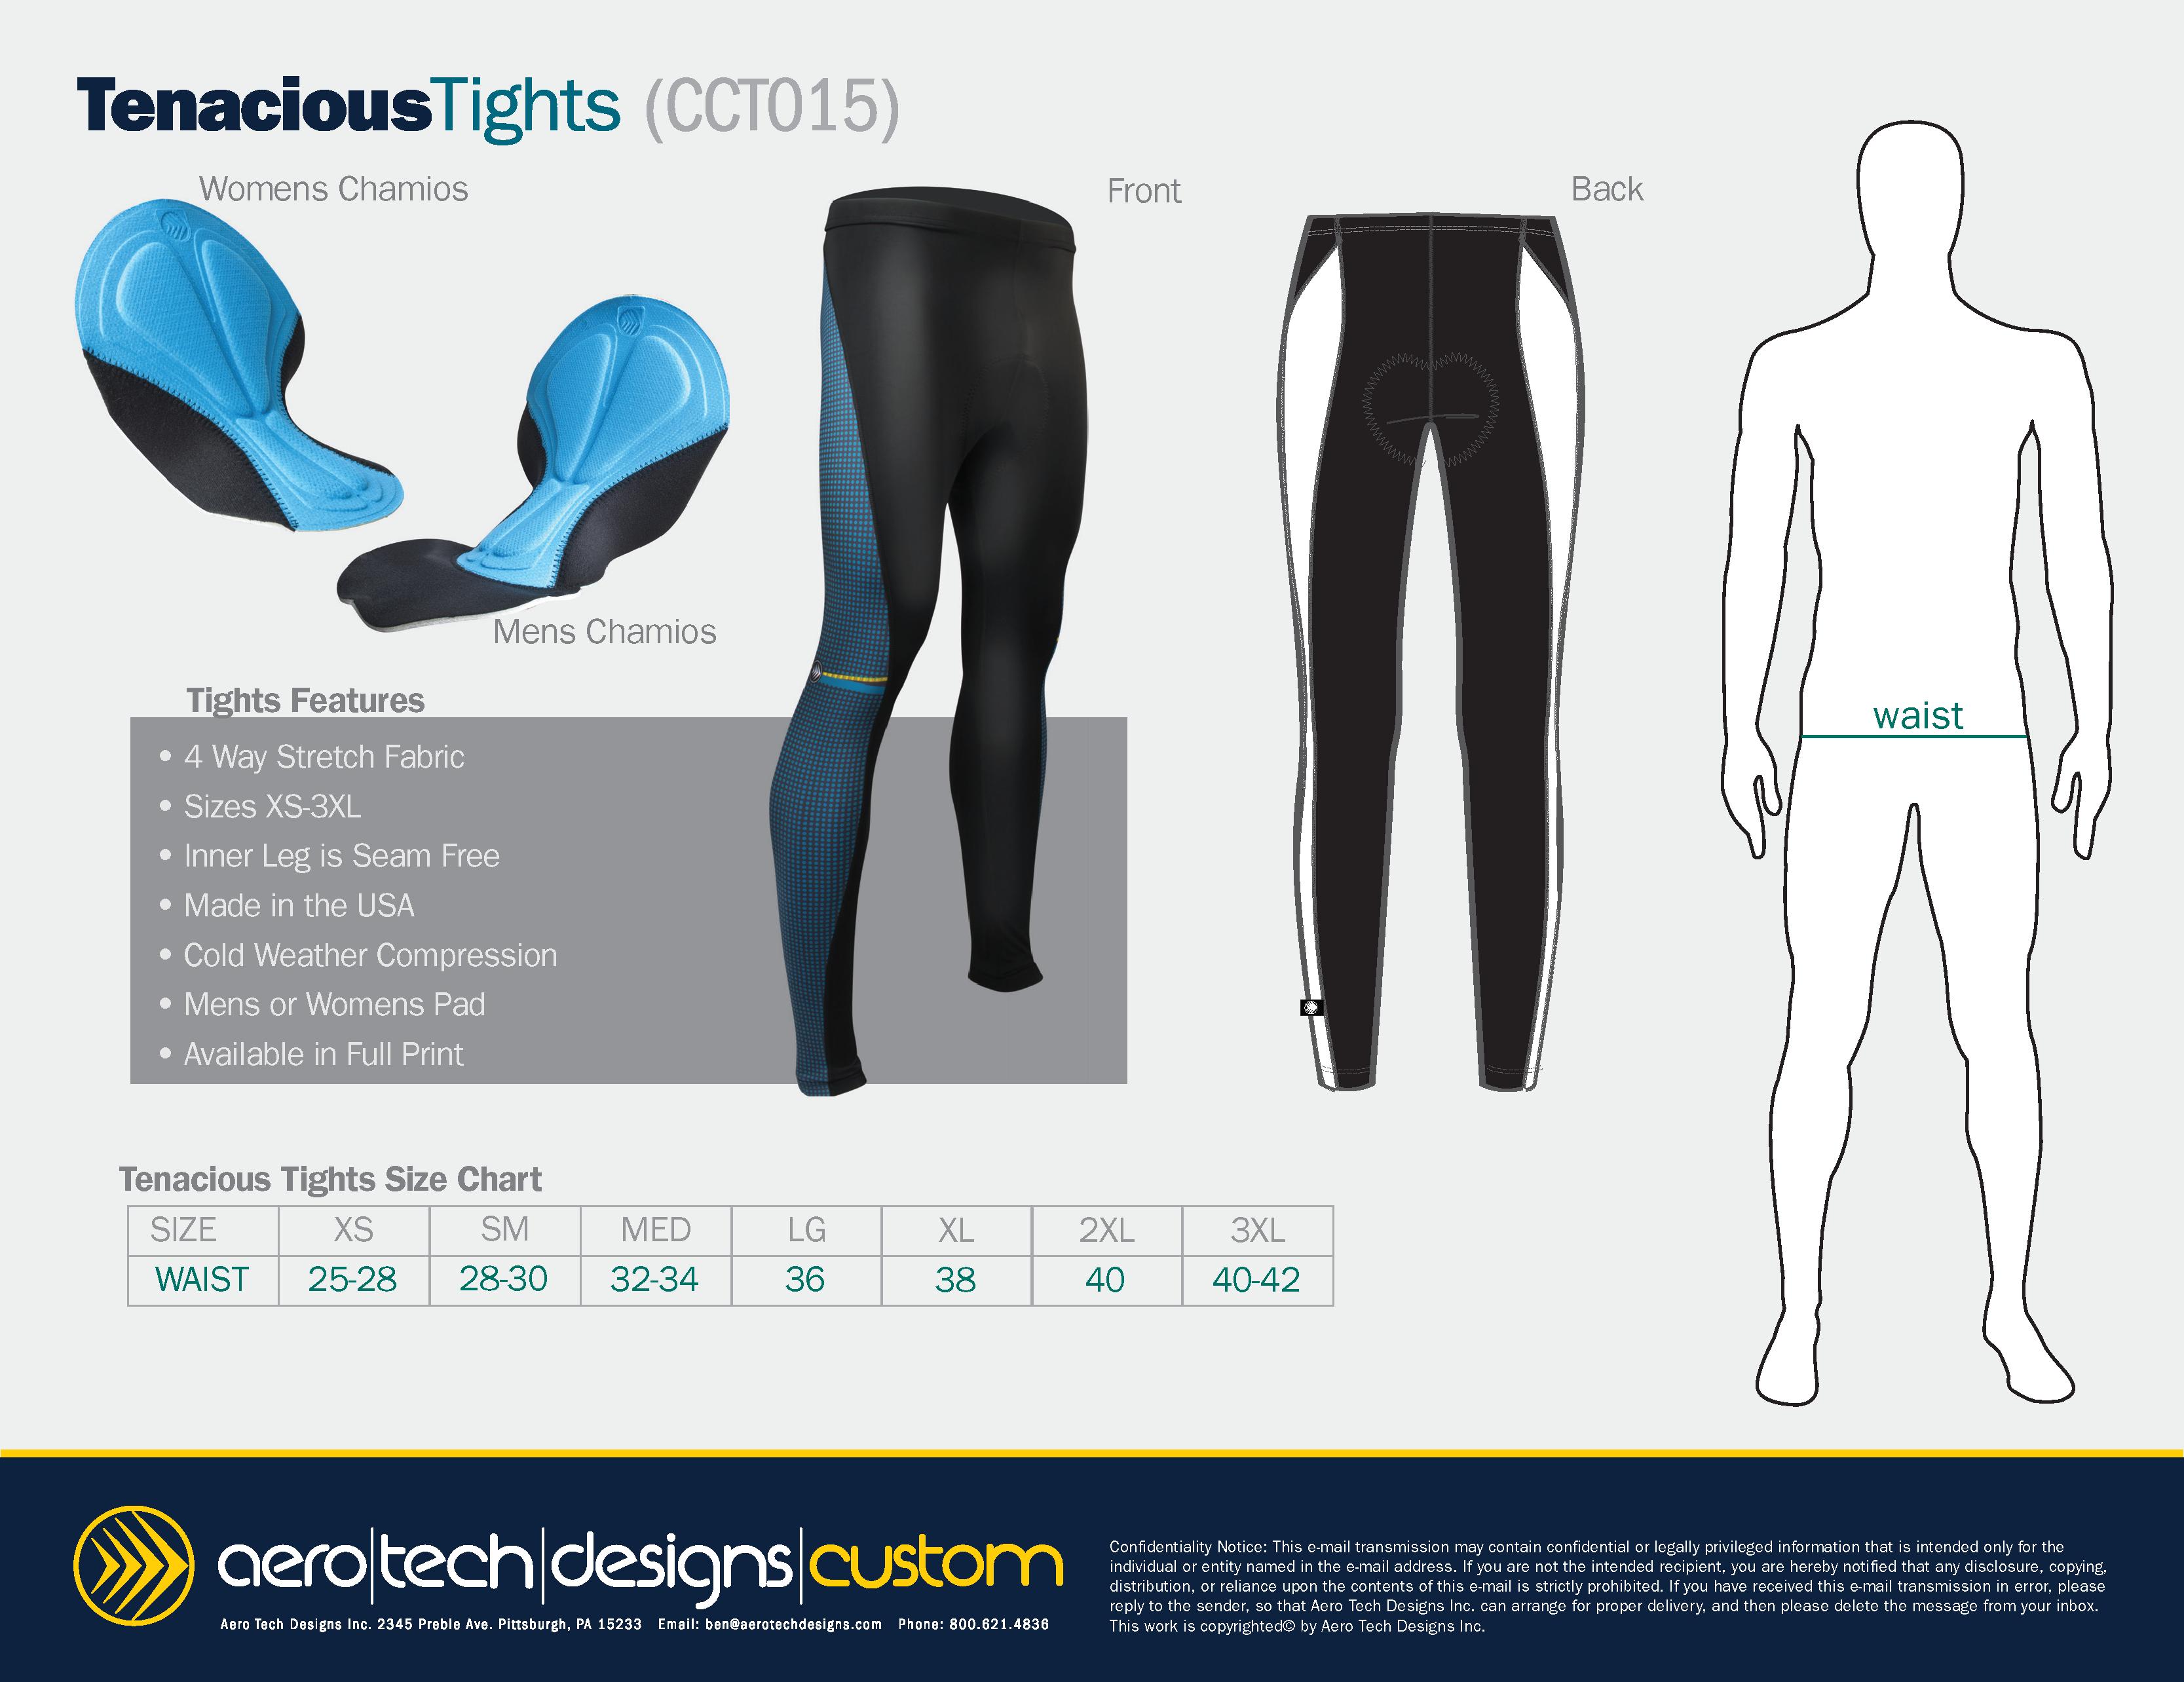 size-chart-tenacioustights-cct015.png